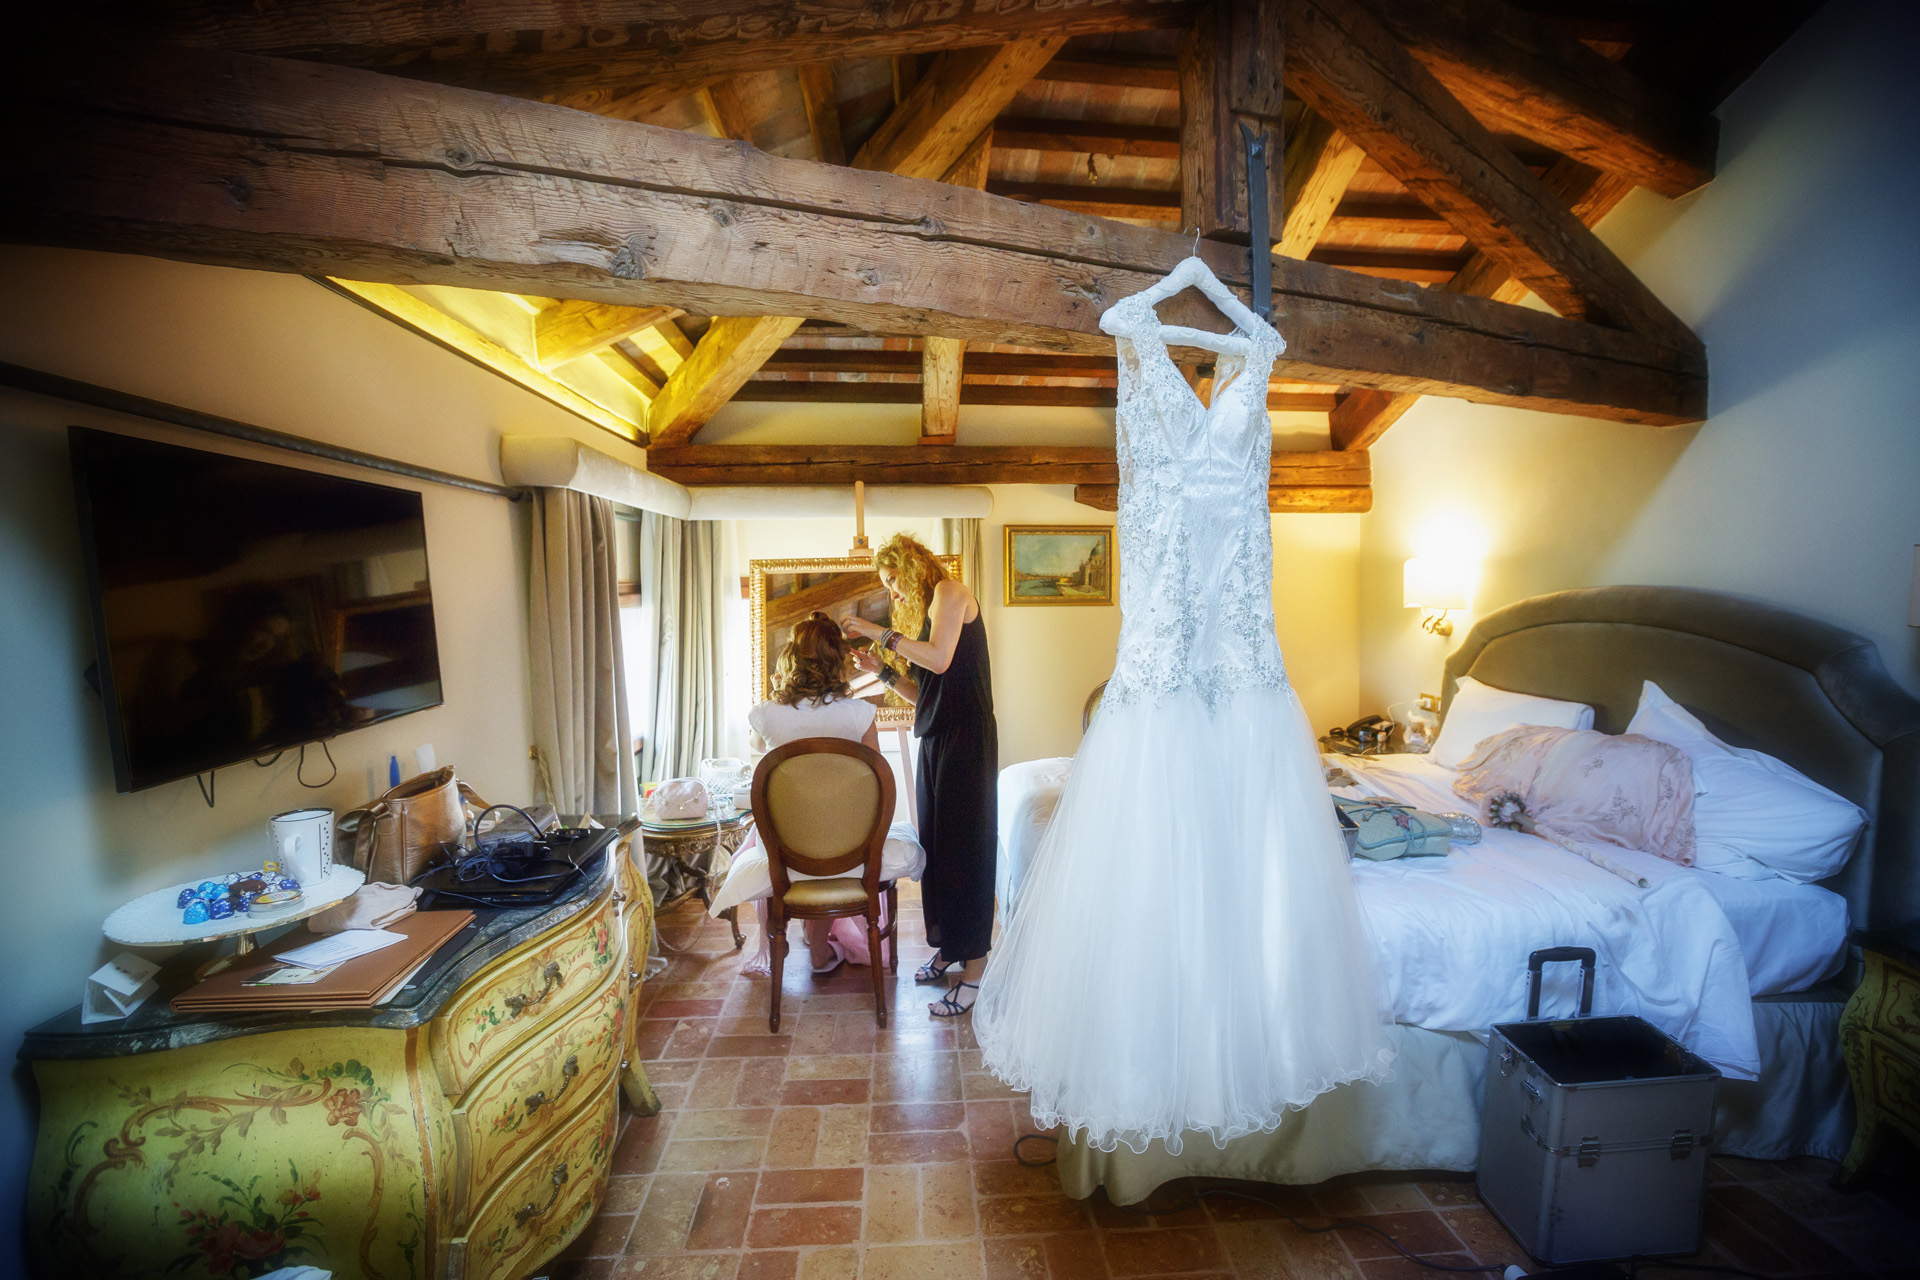 Venecia, Italia Elopement Picture | La novia se prepara mientras cuelga su vestido de novia.